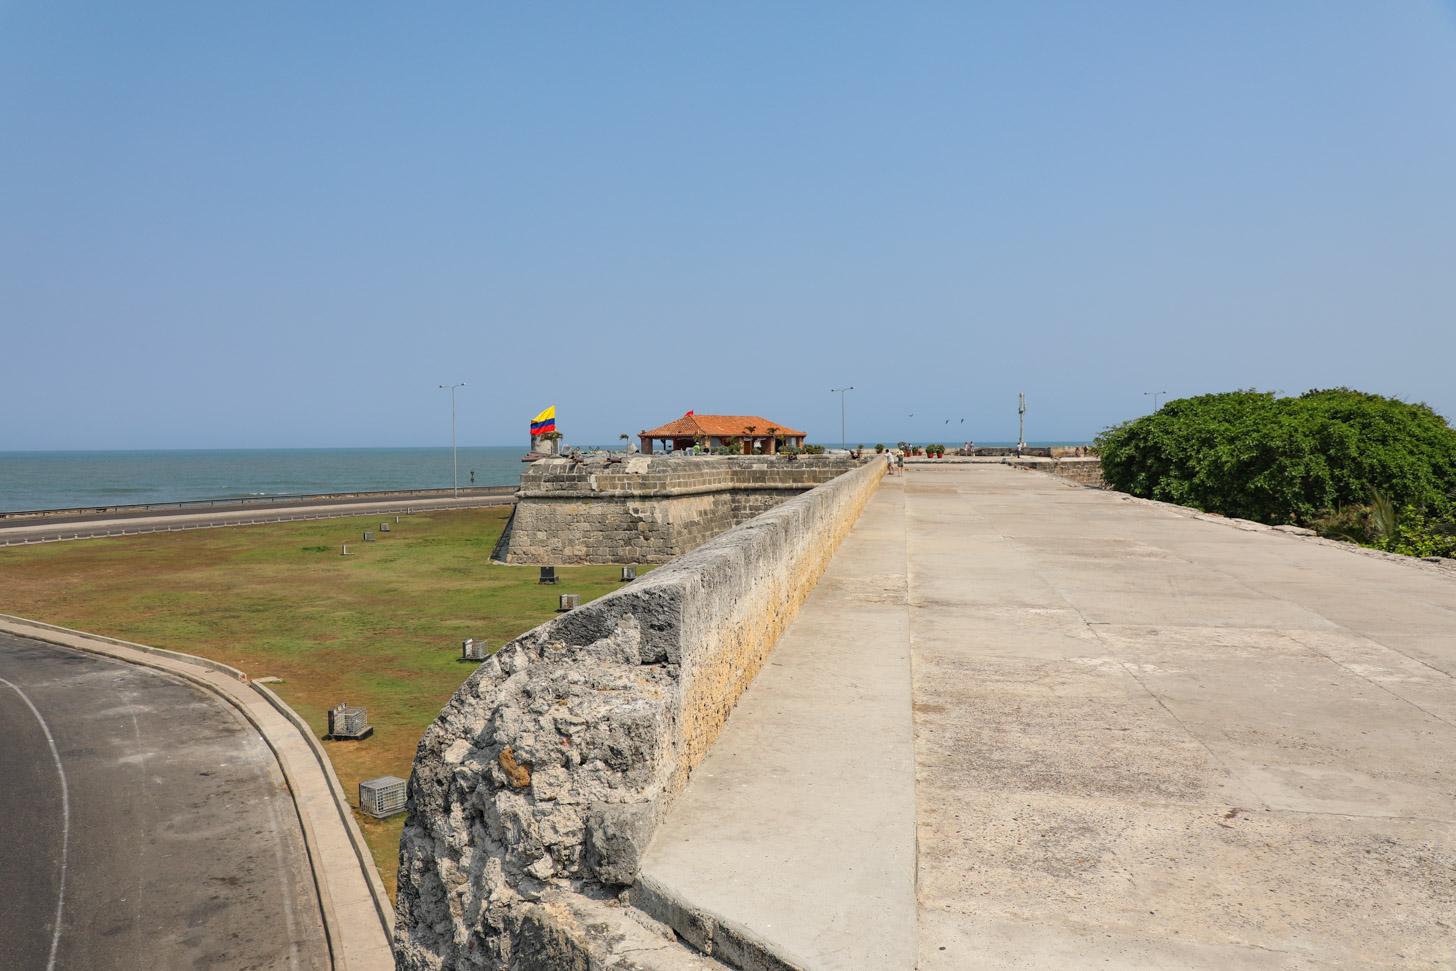 De oude stadsmuren van Cartagena